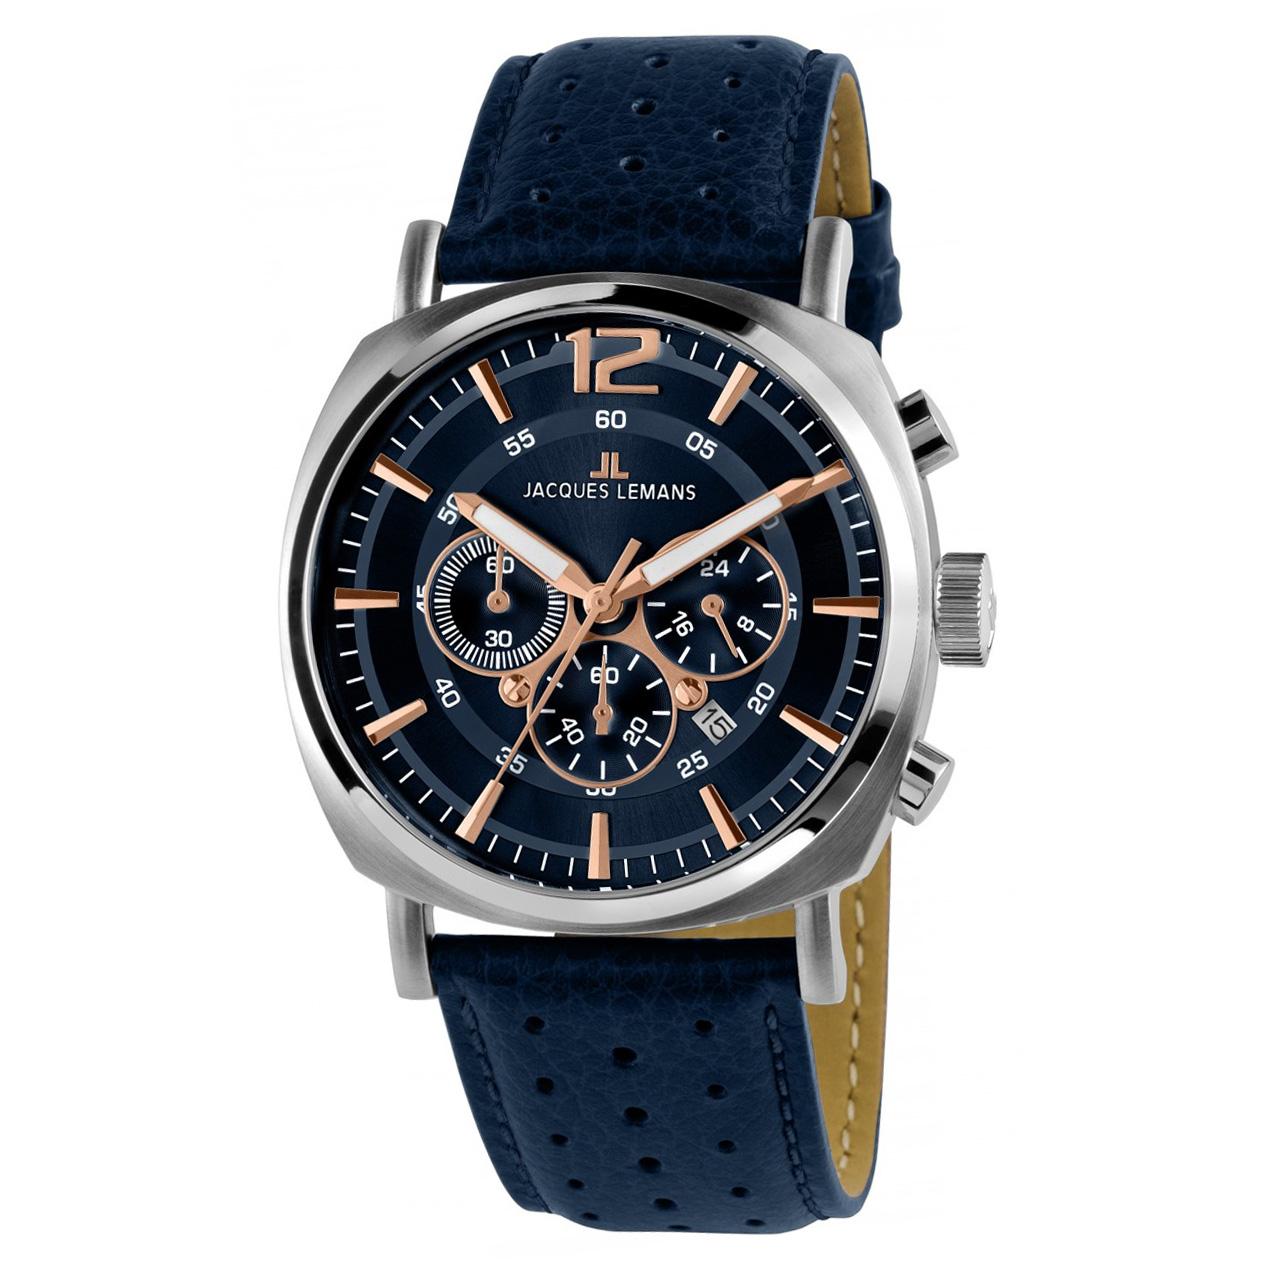 ساعت مچی عقربه ای مردانه ژاک لمن مدل 1-1645I